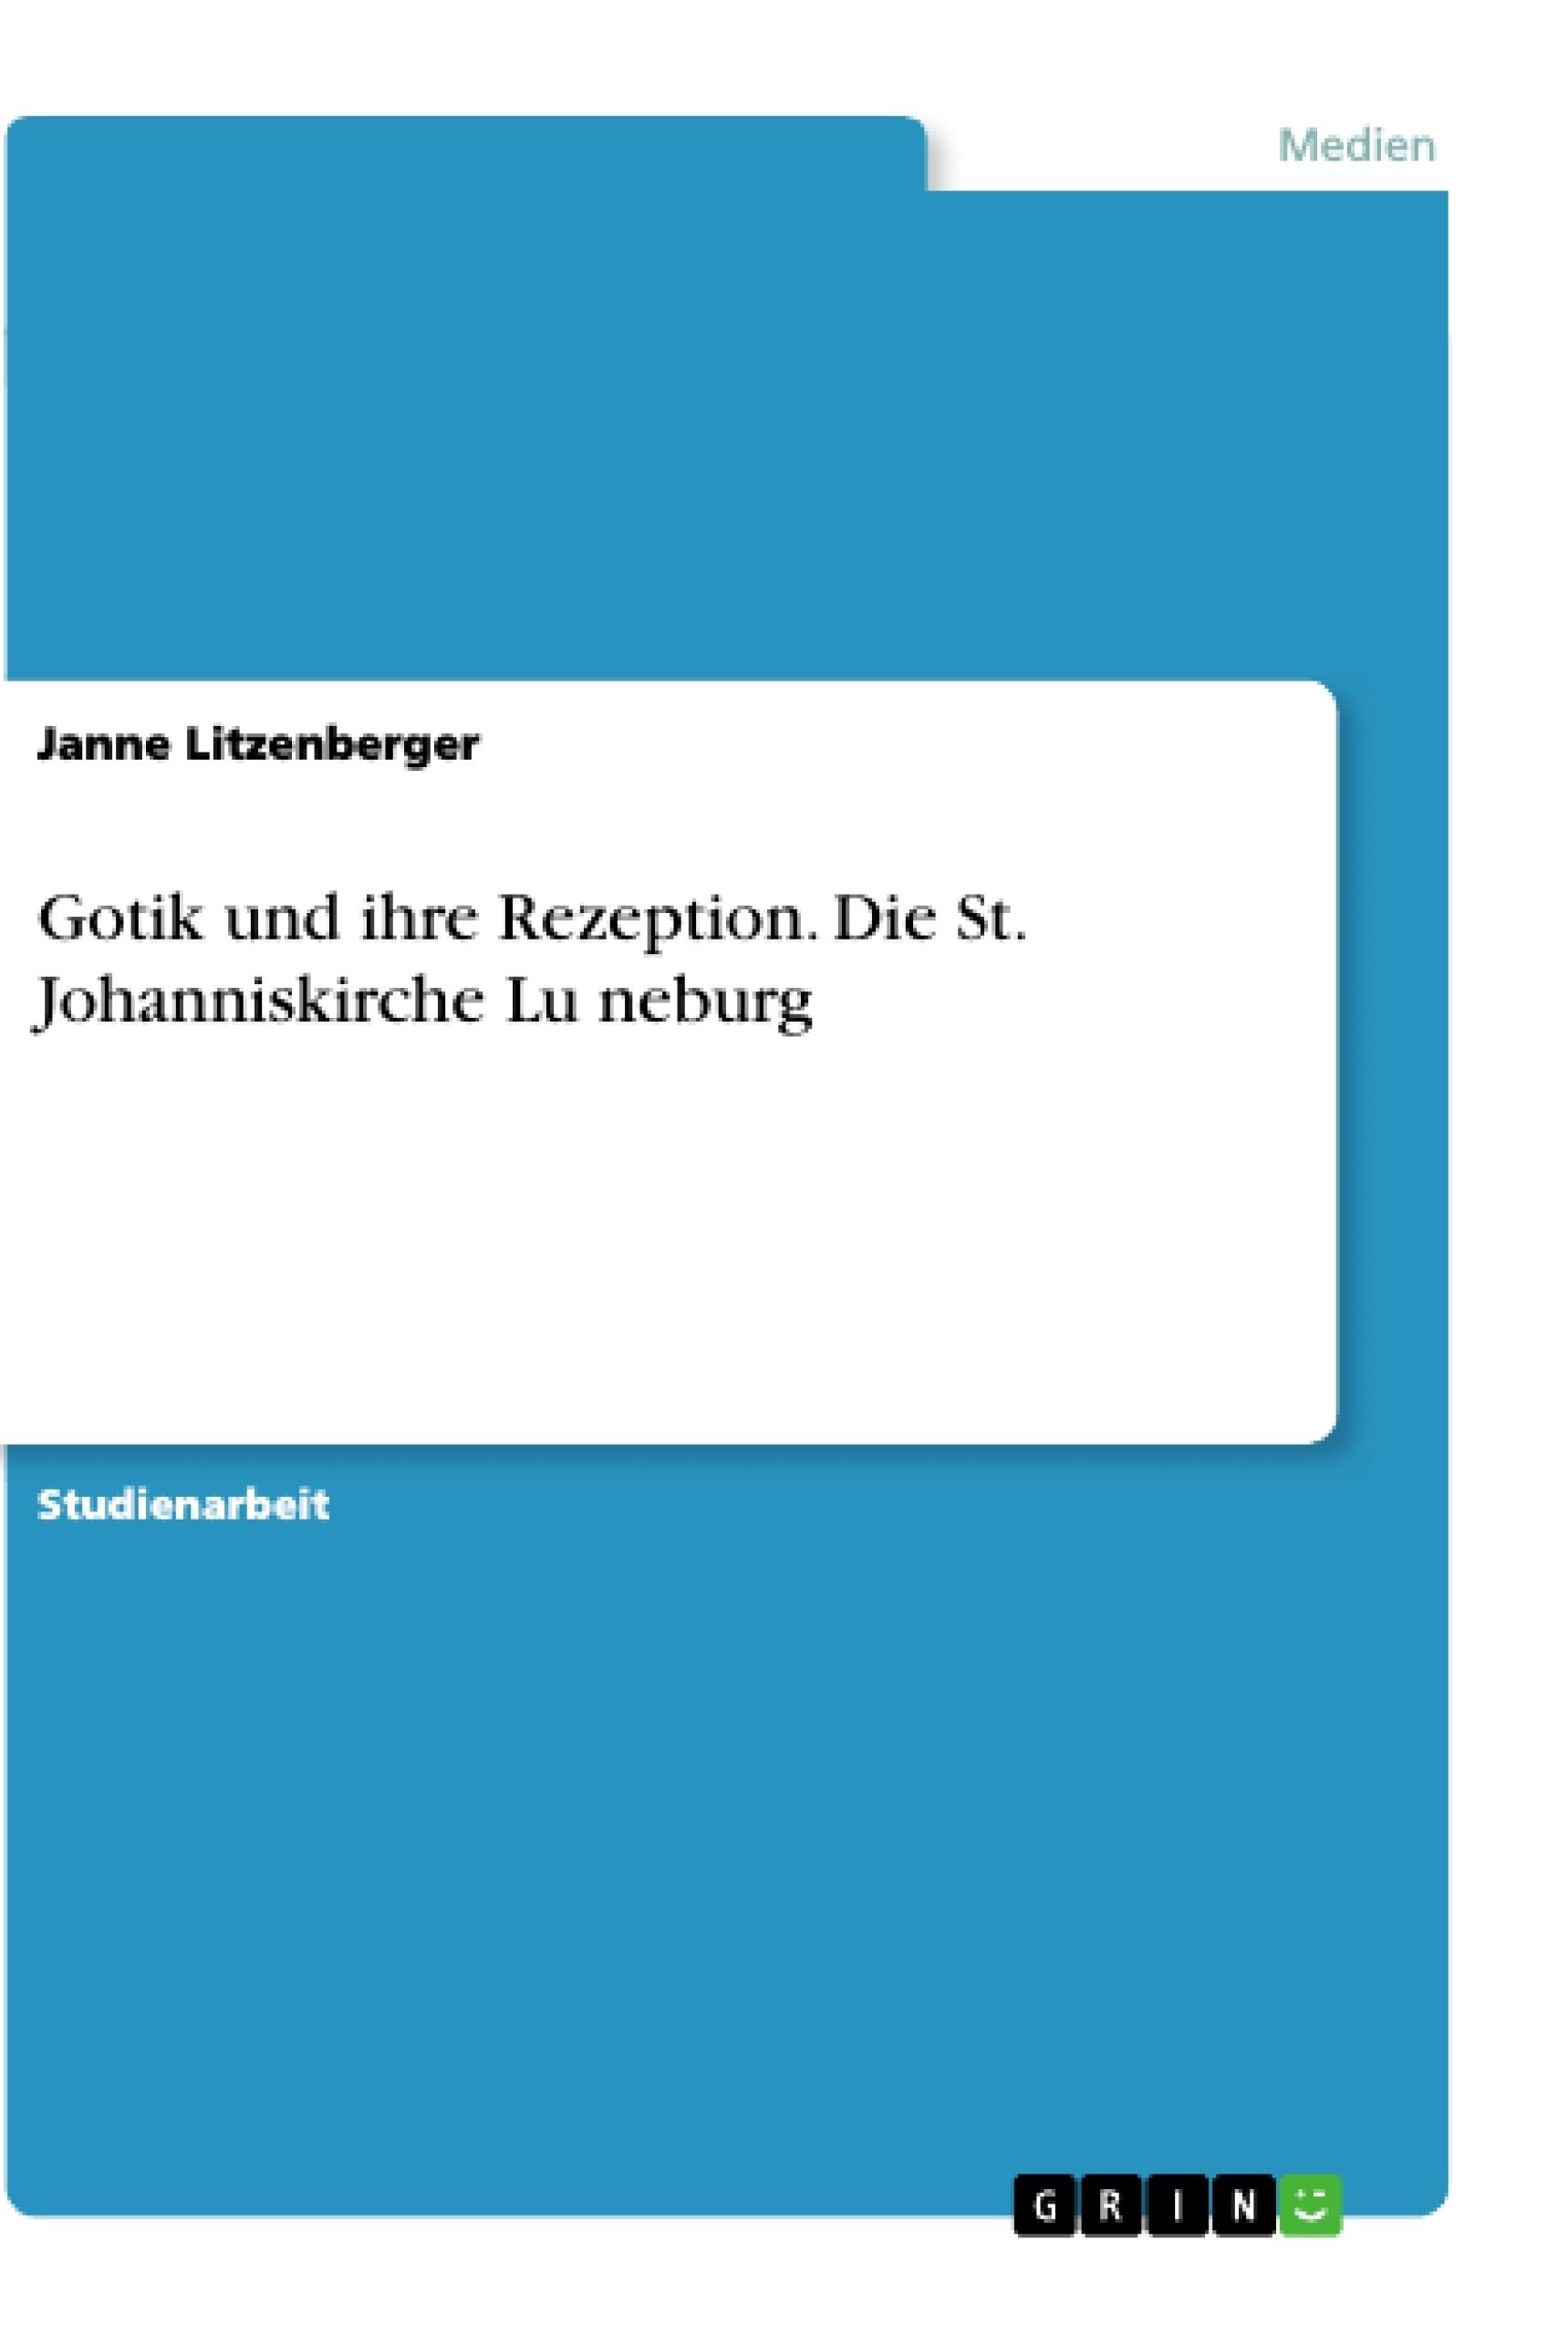 Titel: Gotik und ihre Rezeption. Die St. Johanniskirche Lüneburg